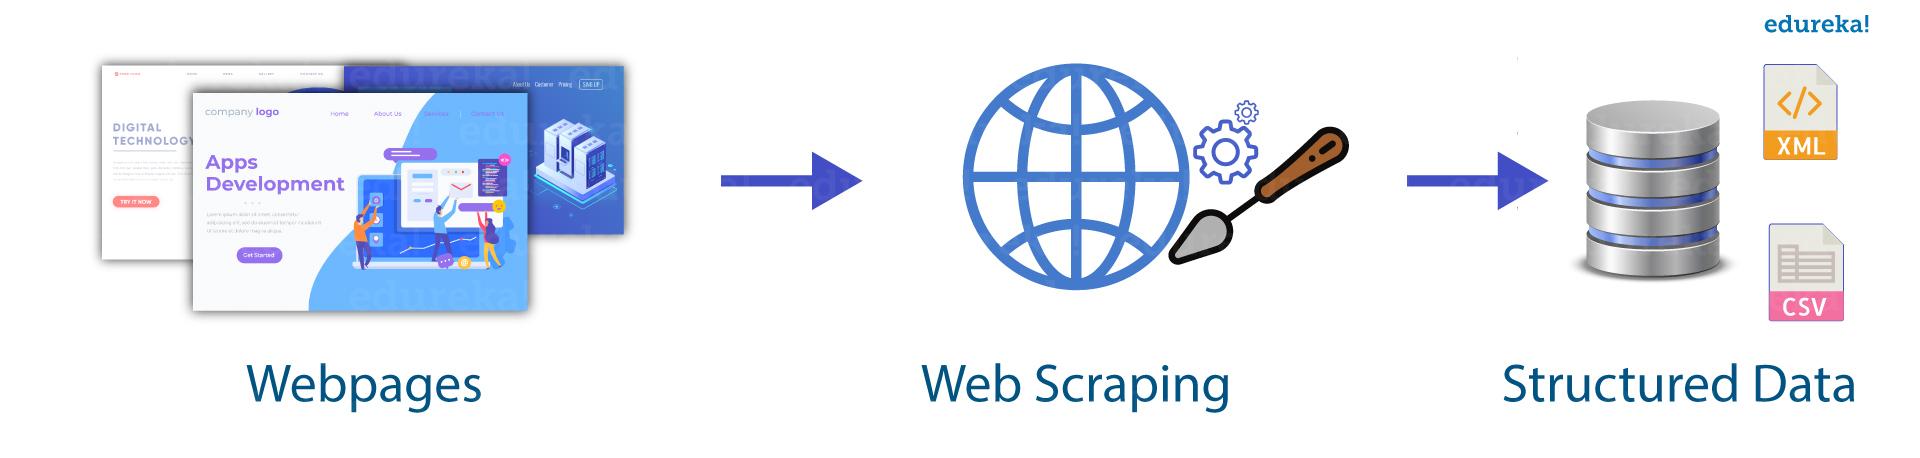 Web Scraping - Edureka